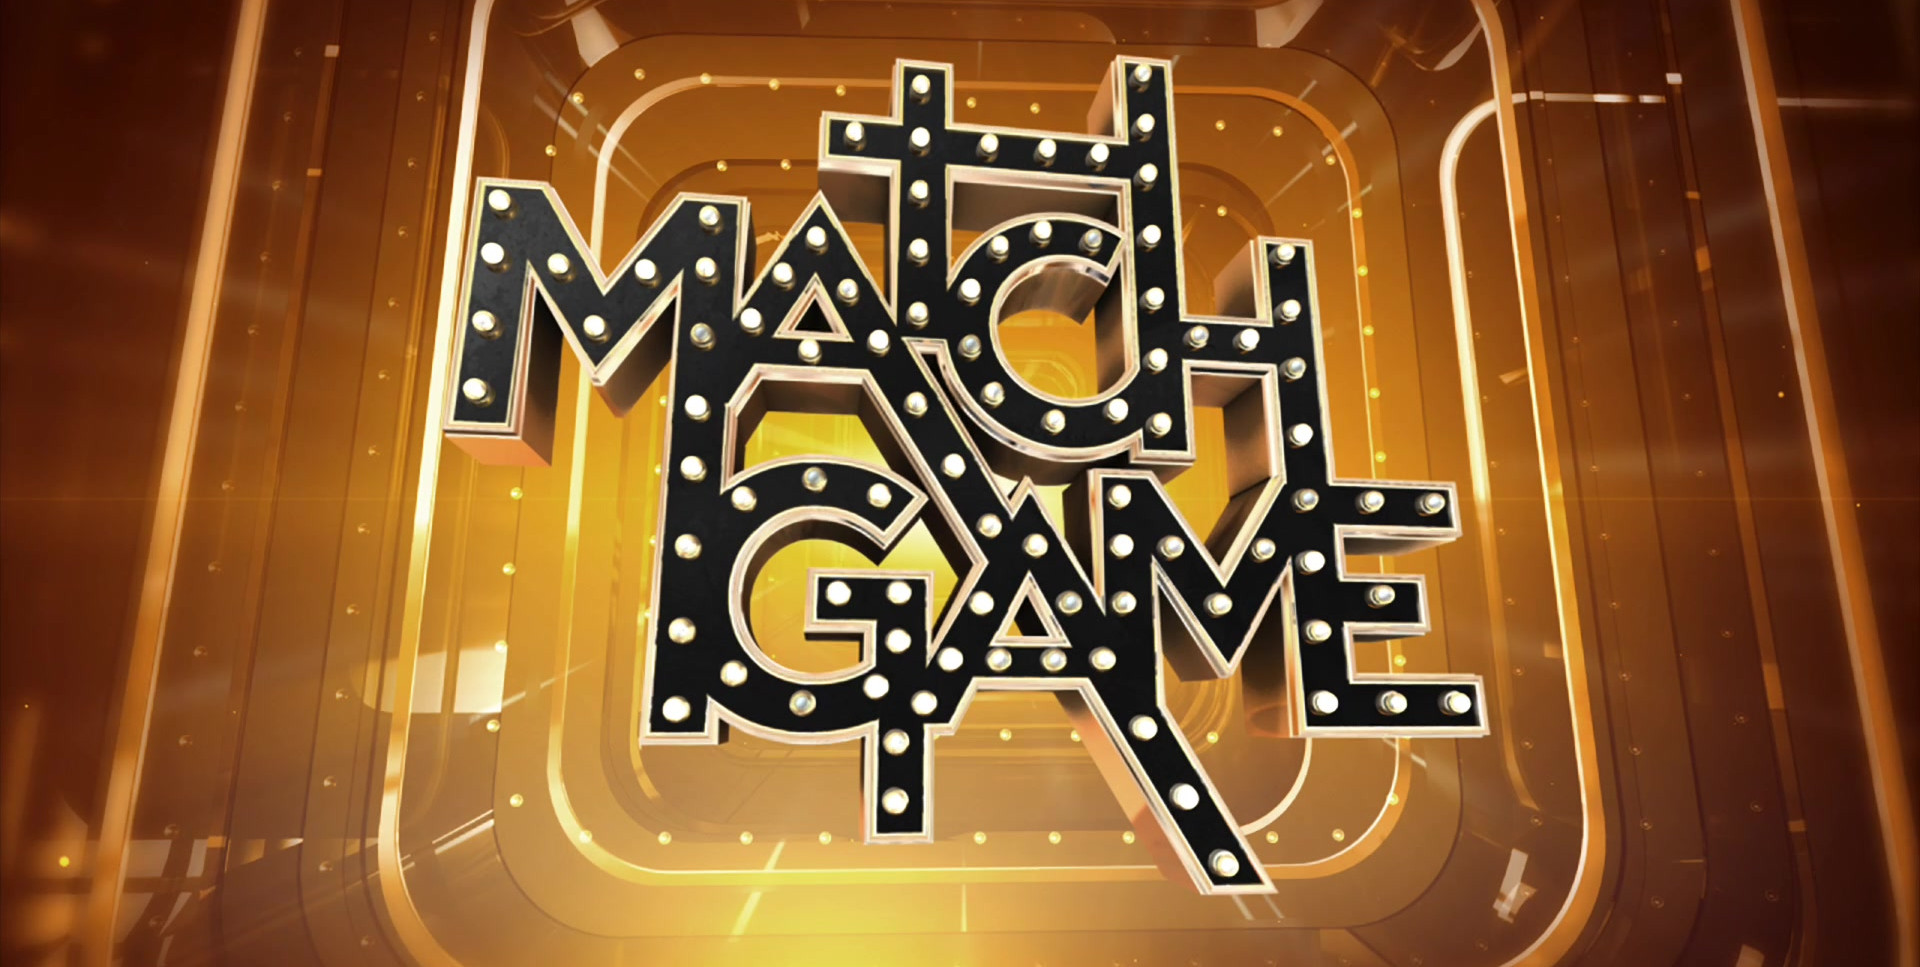 match_logo_A-Apple ProRes 422-example.mo